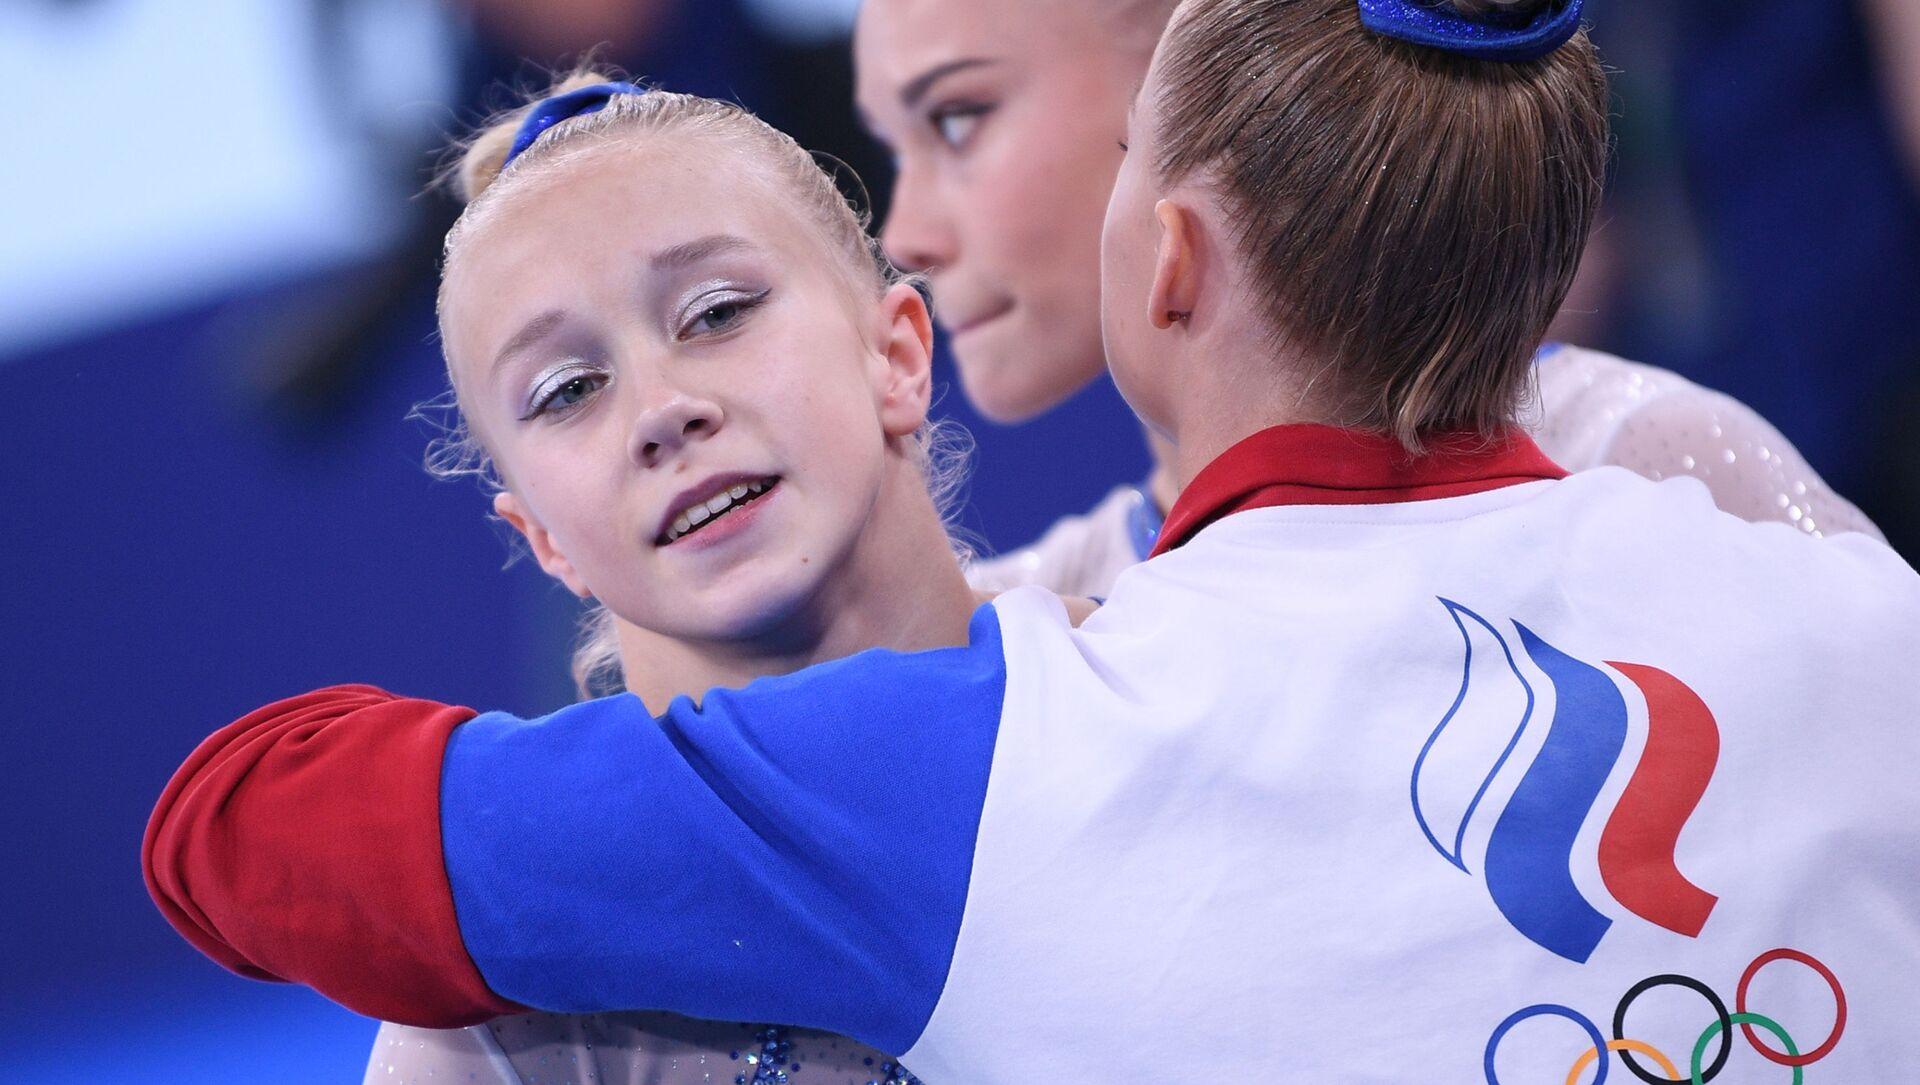 Rus kadın artistik jimnastikçiler, takım yarışında ilk kez olimpiyat altın madalyası kazandı - Sputnik Türkiye, 1920, 27.07.2021